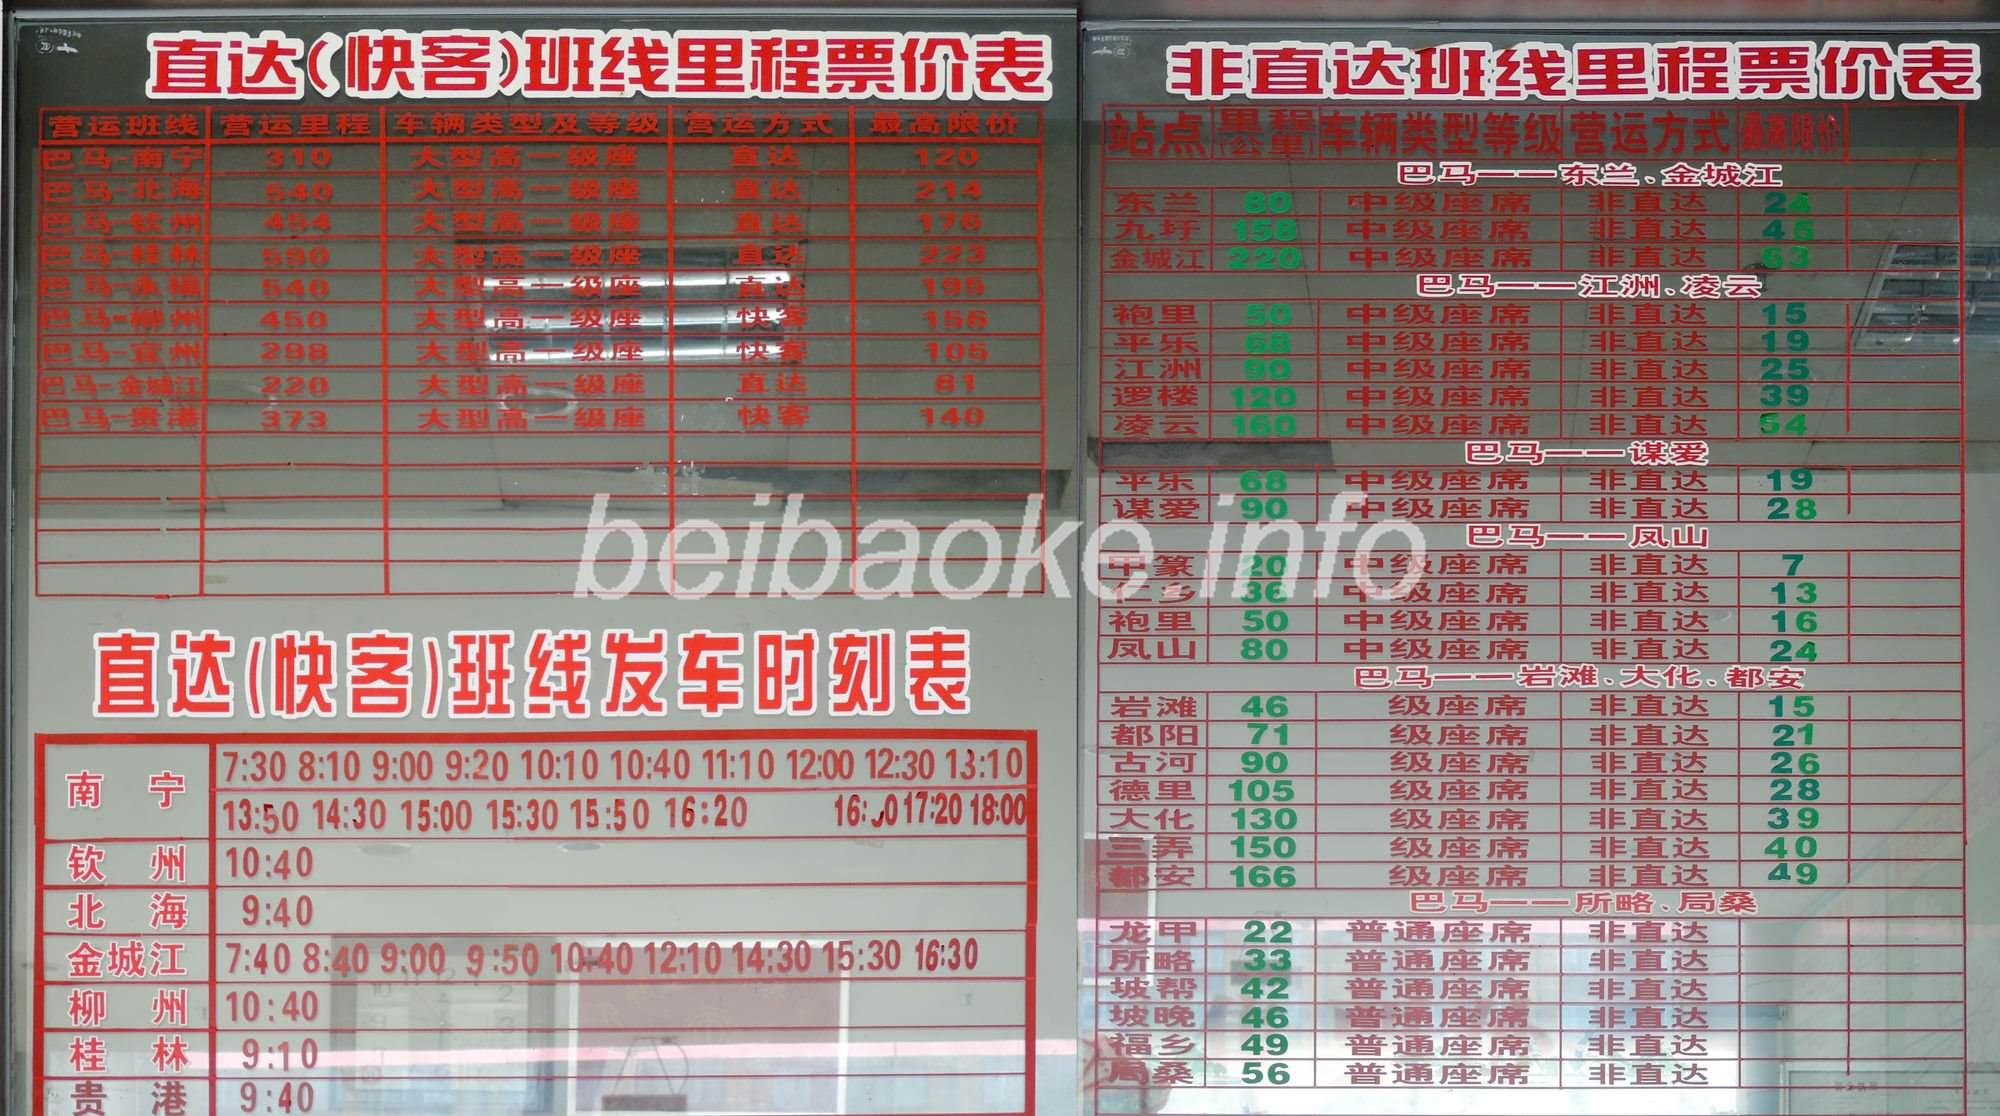 巴馬汽車総站運賃時刻表